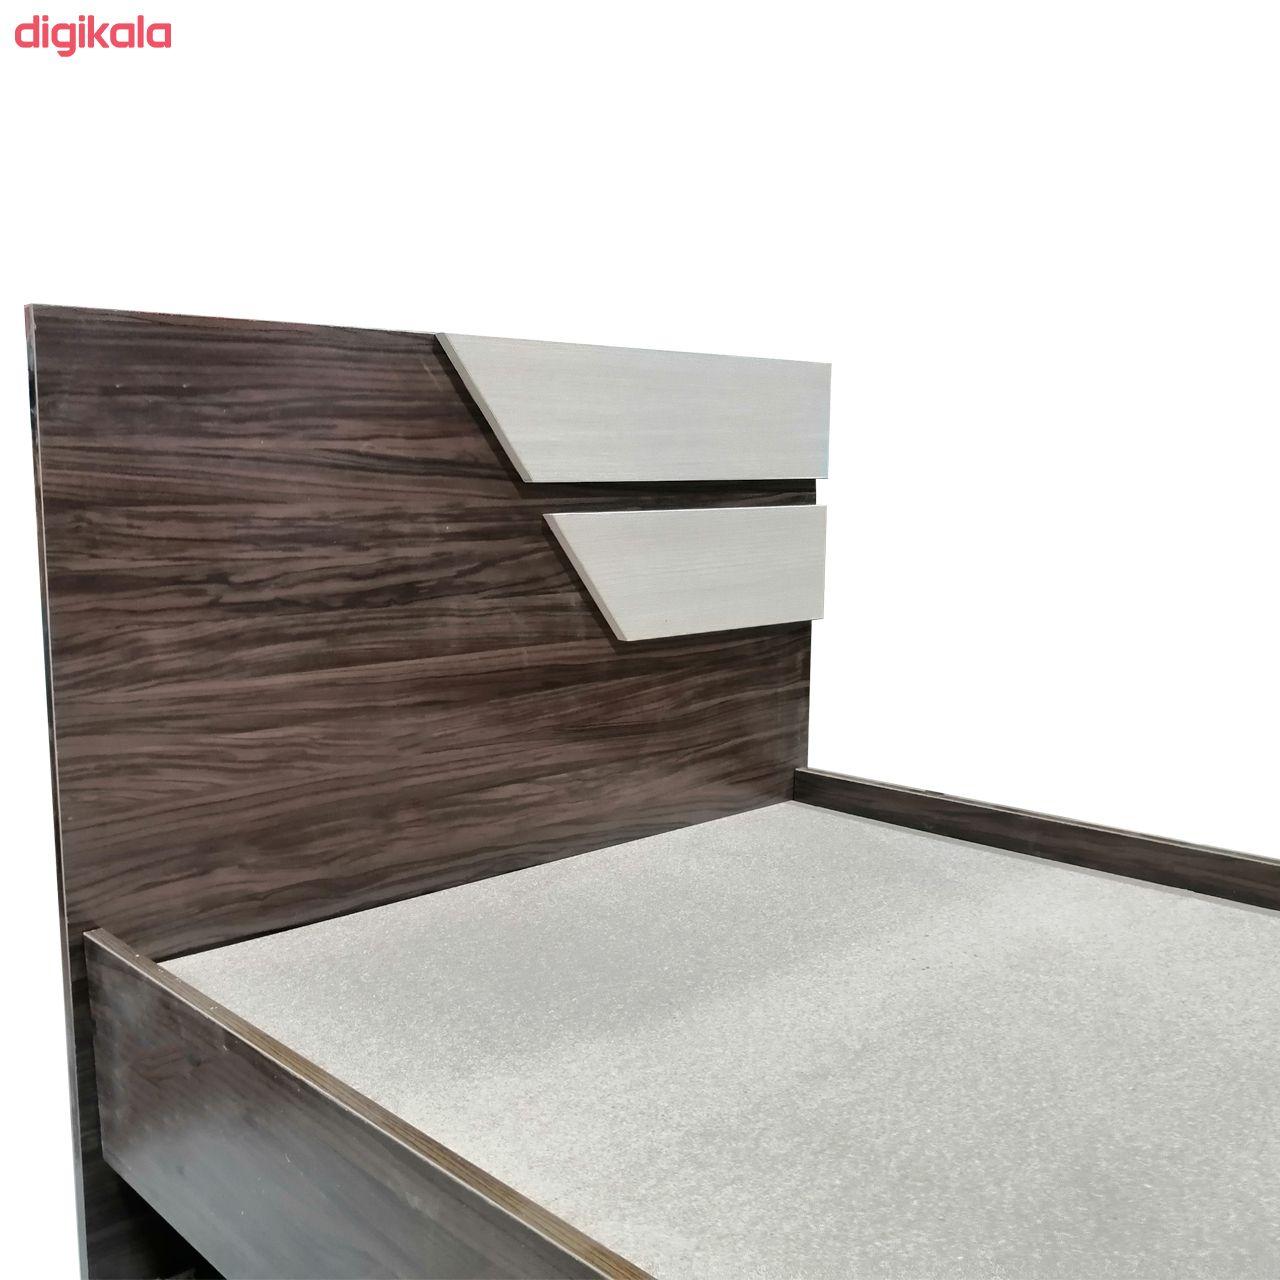 تخت خواب یک نفره مدل TB22 سایز 200x96 سانتی متر  main 1 3